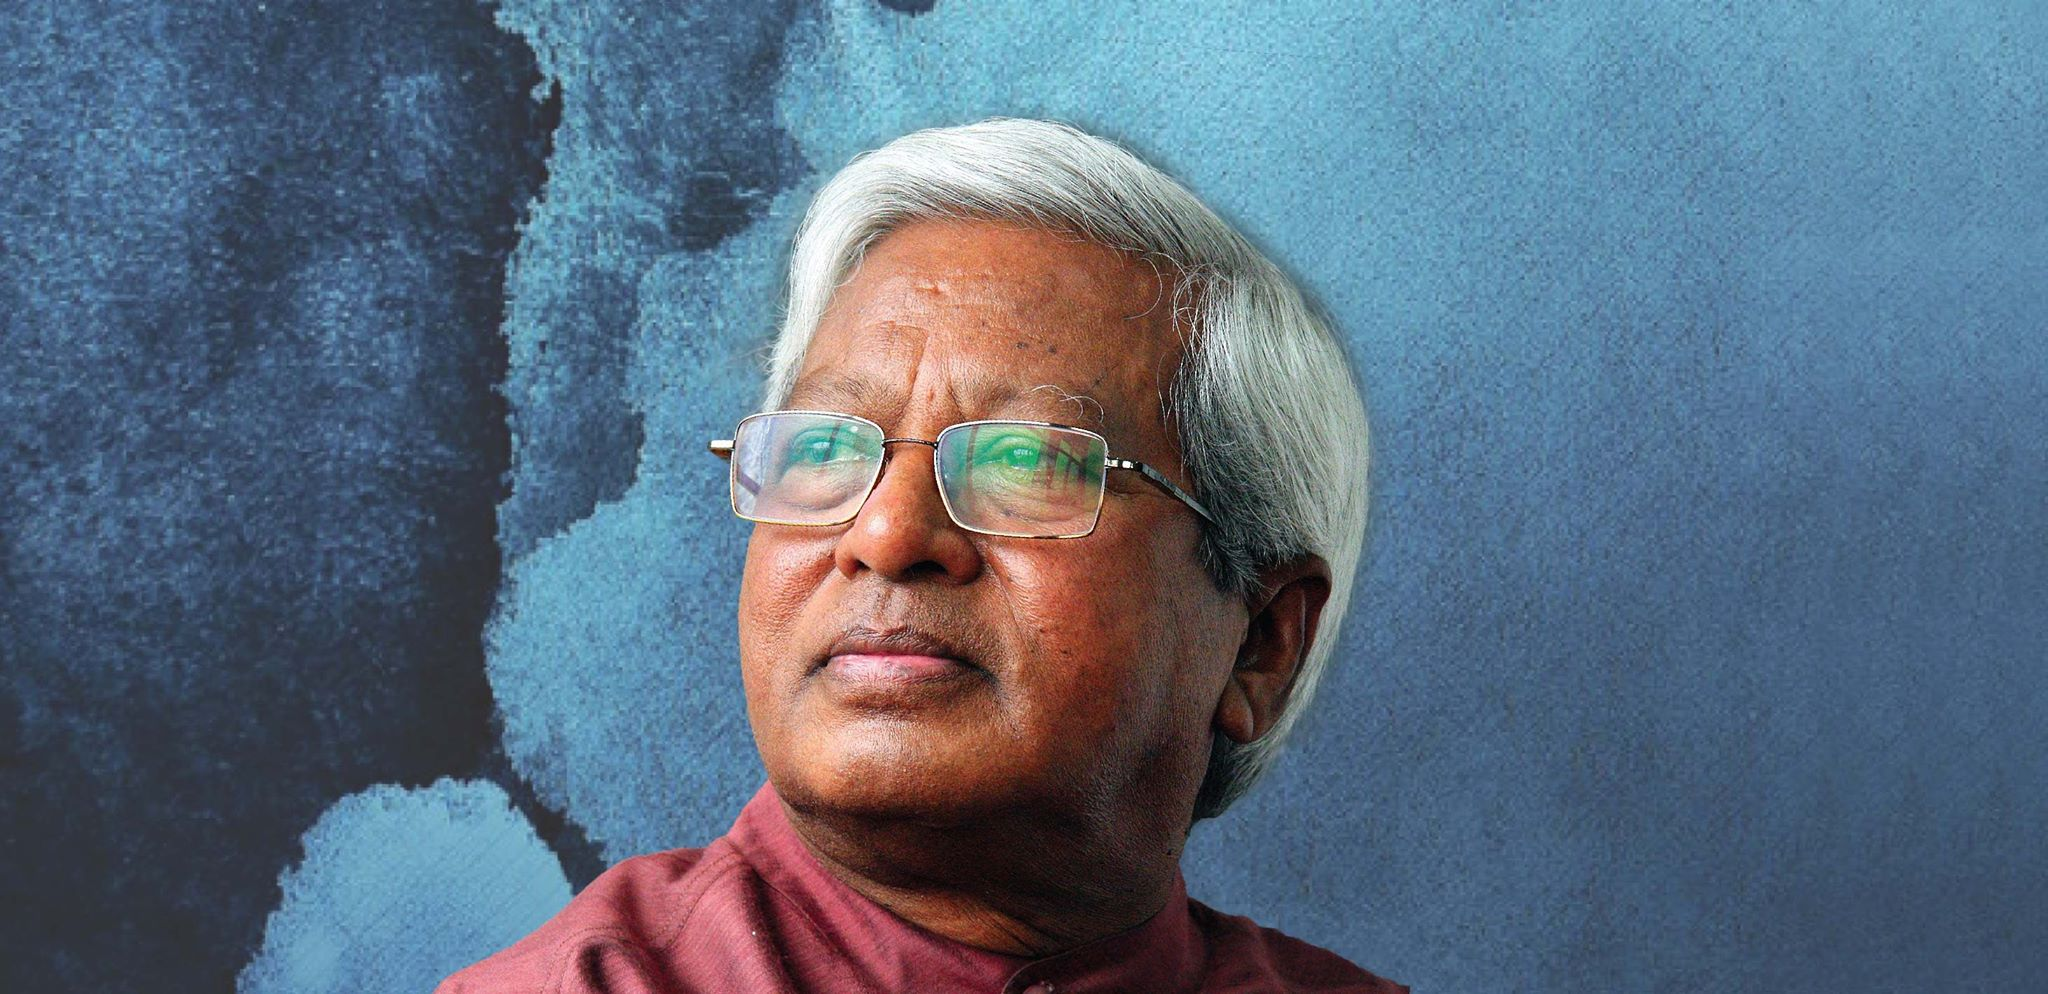 'ইদান' আন্তর্জাতিক পুরস্কার পাচ্ছেন ফজলে হাসান আবেদ